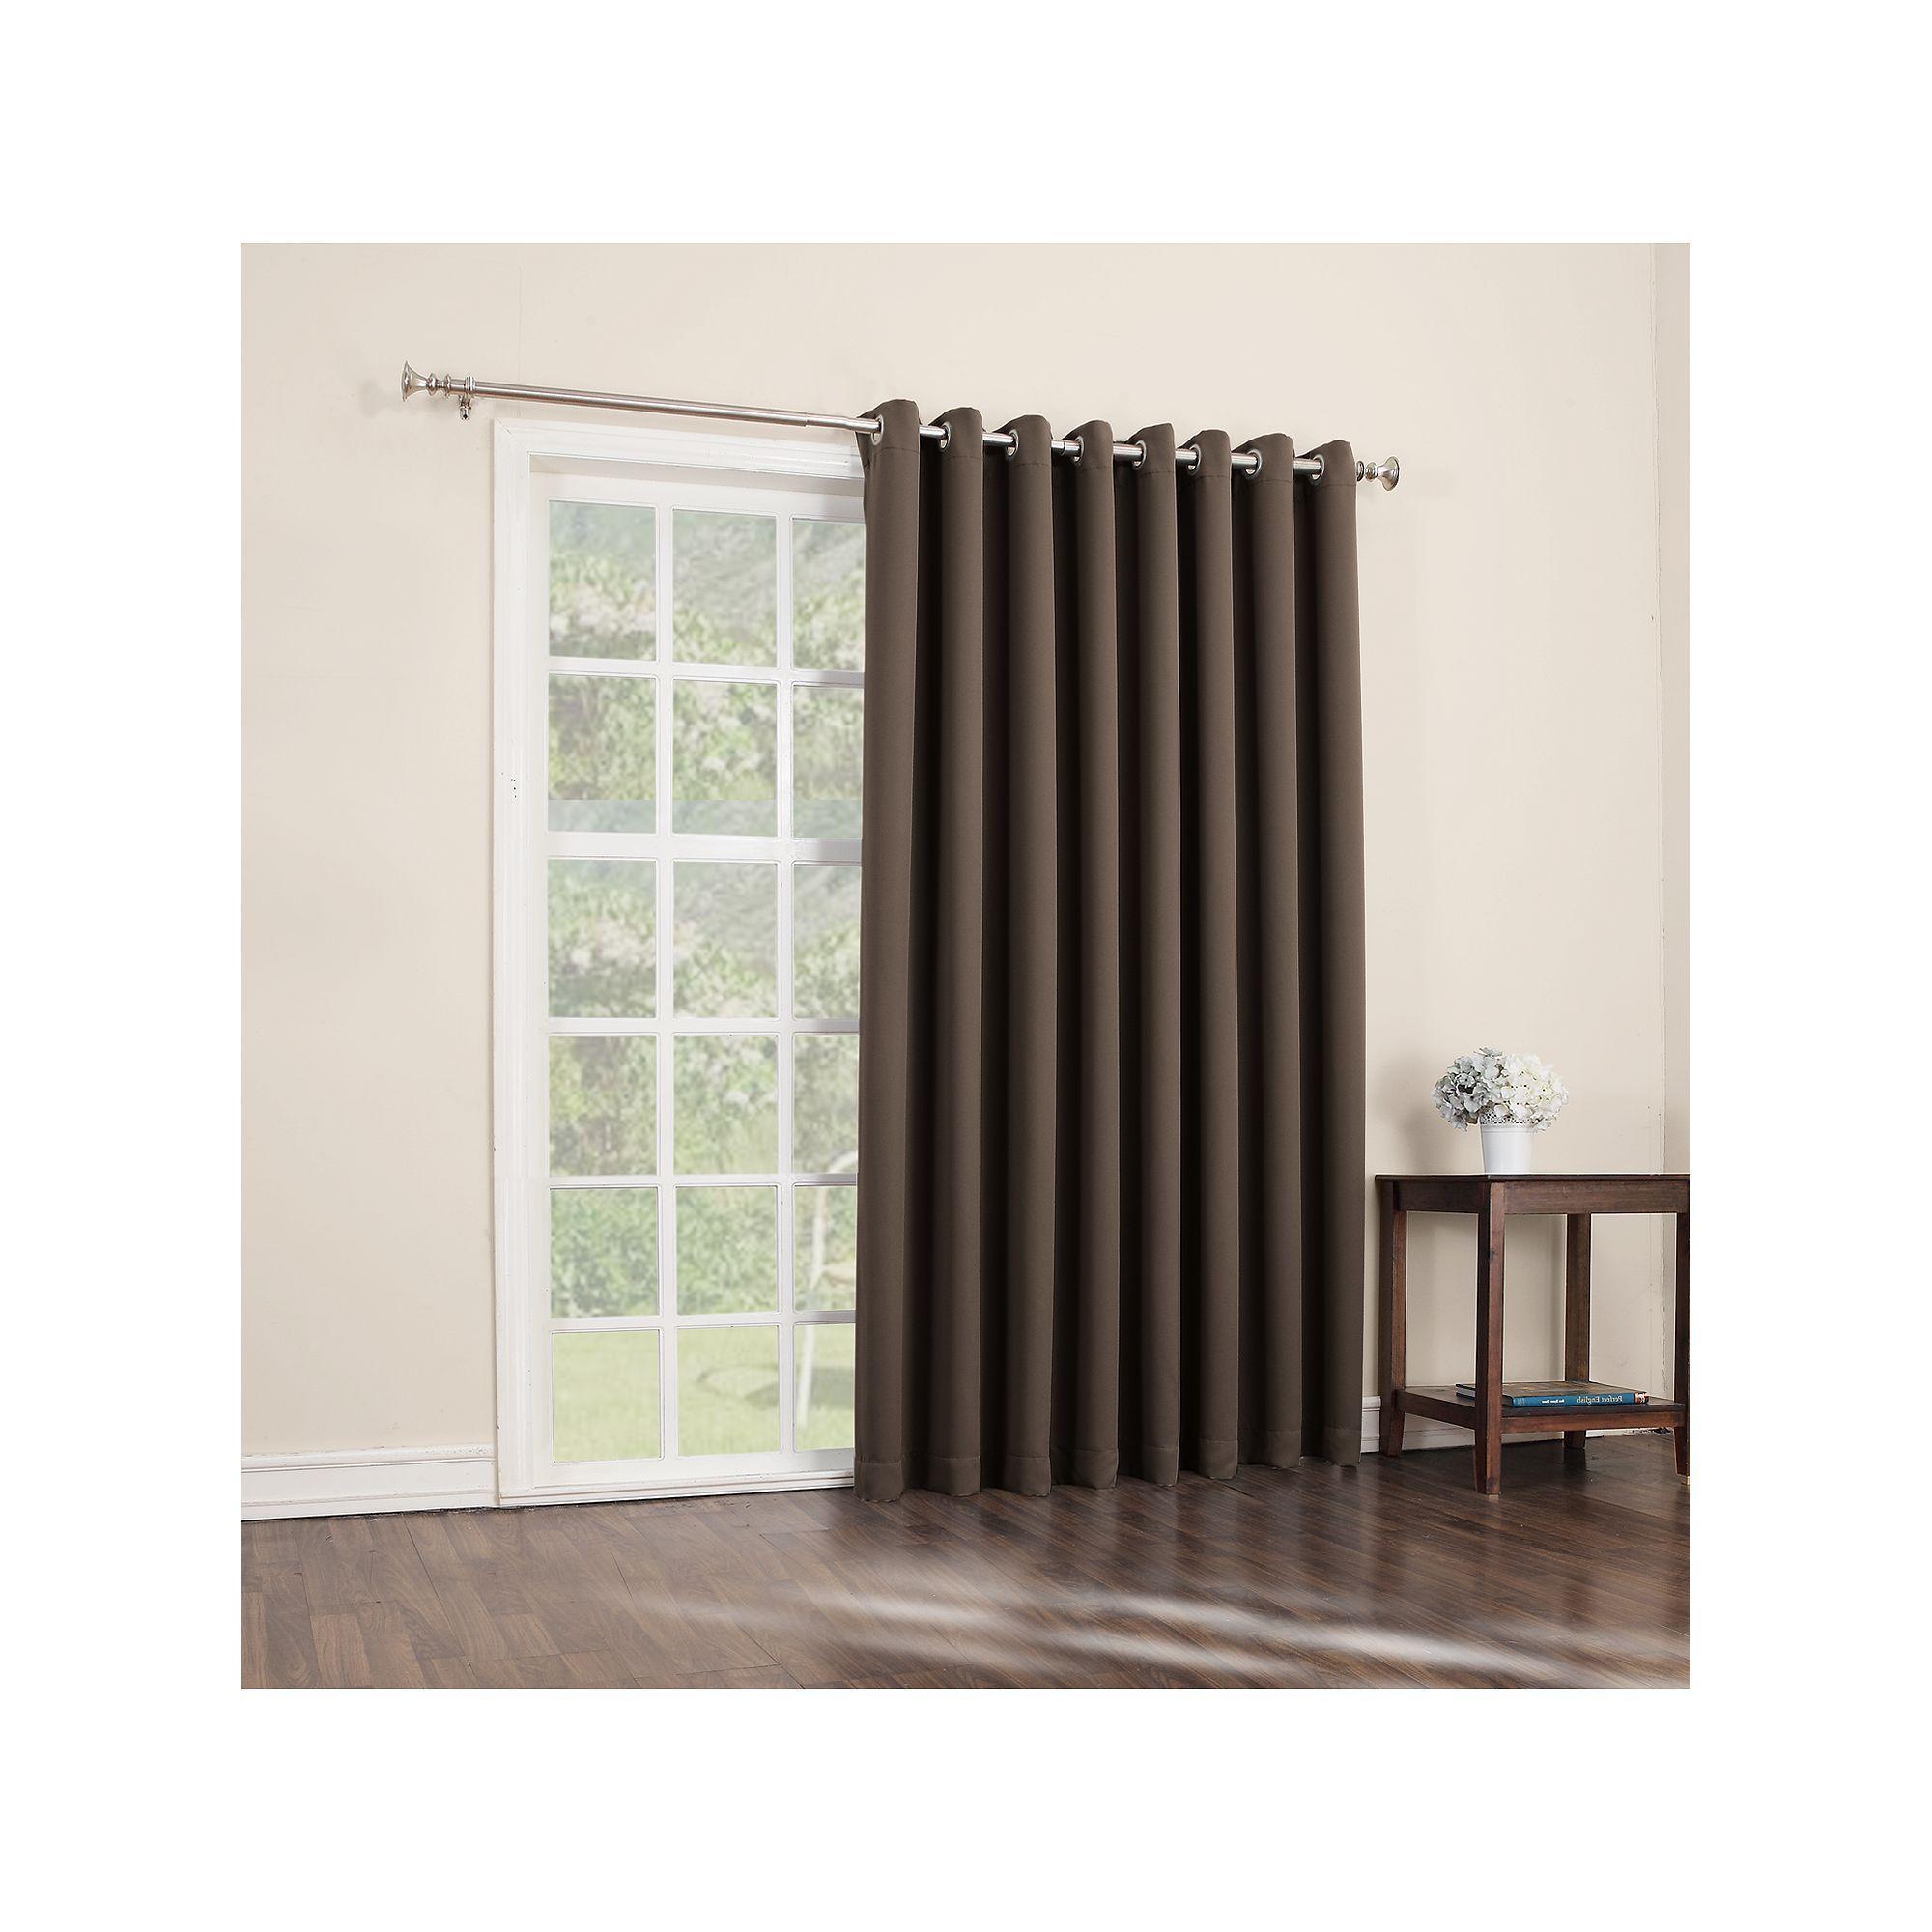 Sun Zero Blackout 1 Panel Ludlow Patio Door Window Curtain Regarding Grommet Blackout Patio Door Window Curtain Panels (View 3 of 20)